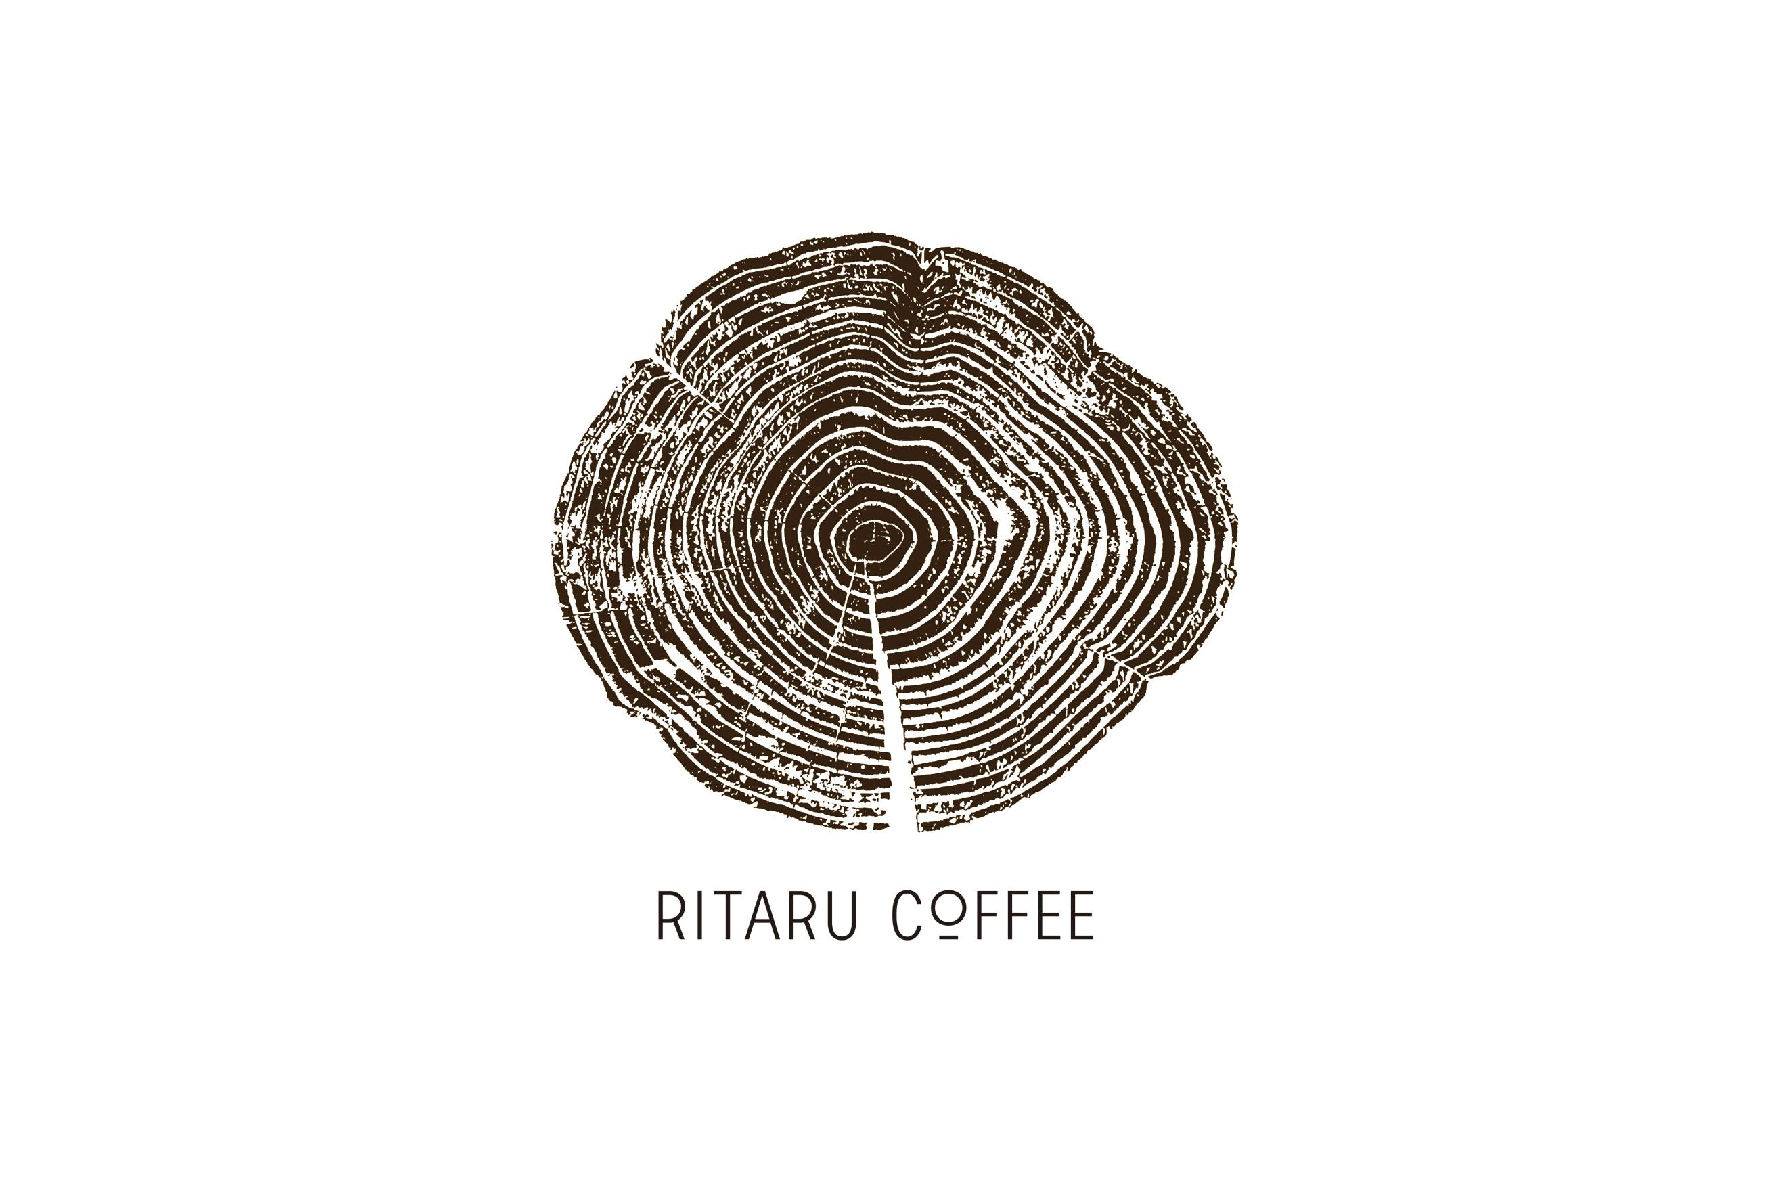 RITATU COFFEE